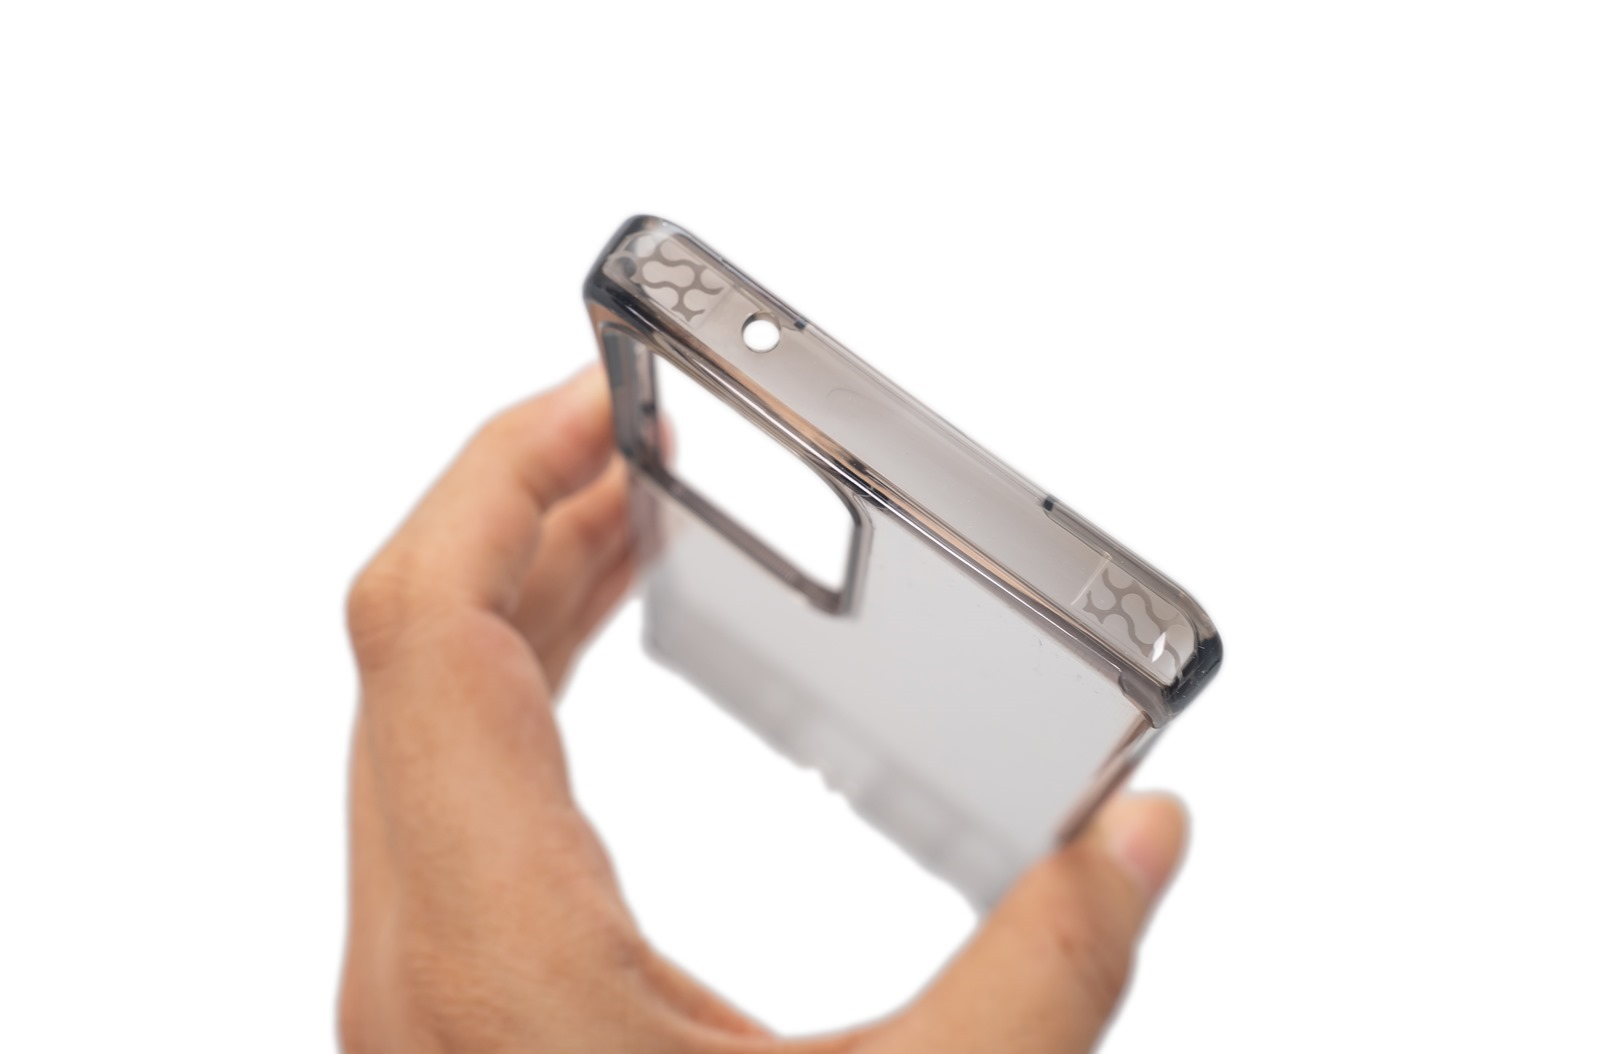 幫 Galaxy Note 20/20 Ultra 找保護殼?UAG 耐衝擊全透保護殼 / 頂級版耐衝擊保護殼 入手開箱分享 (PLASMA / PLYO / MONARCH) @3C 達人廖阿輝